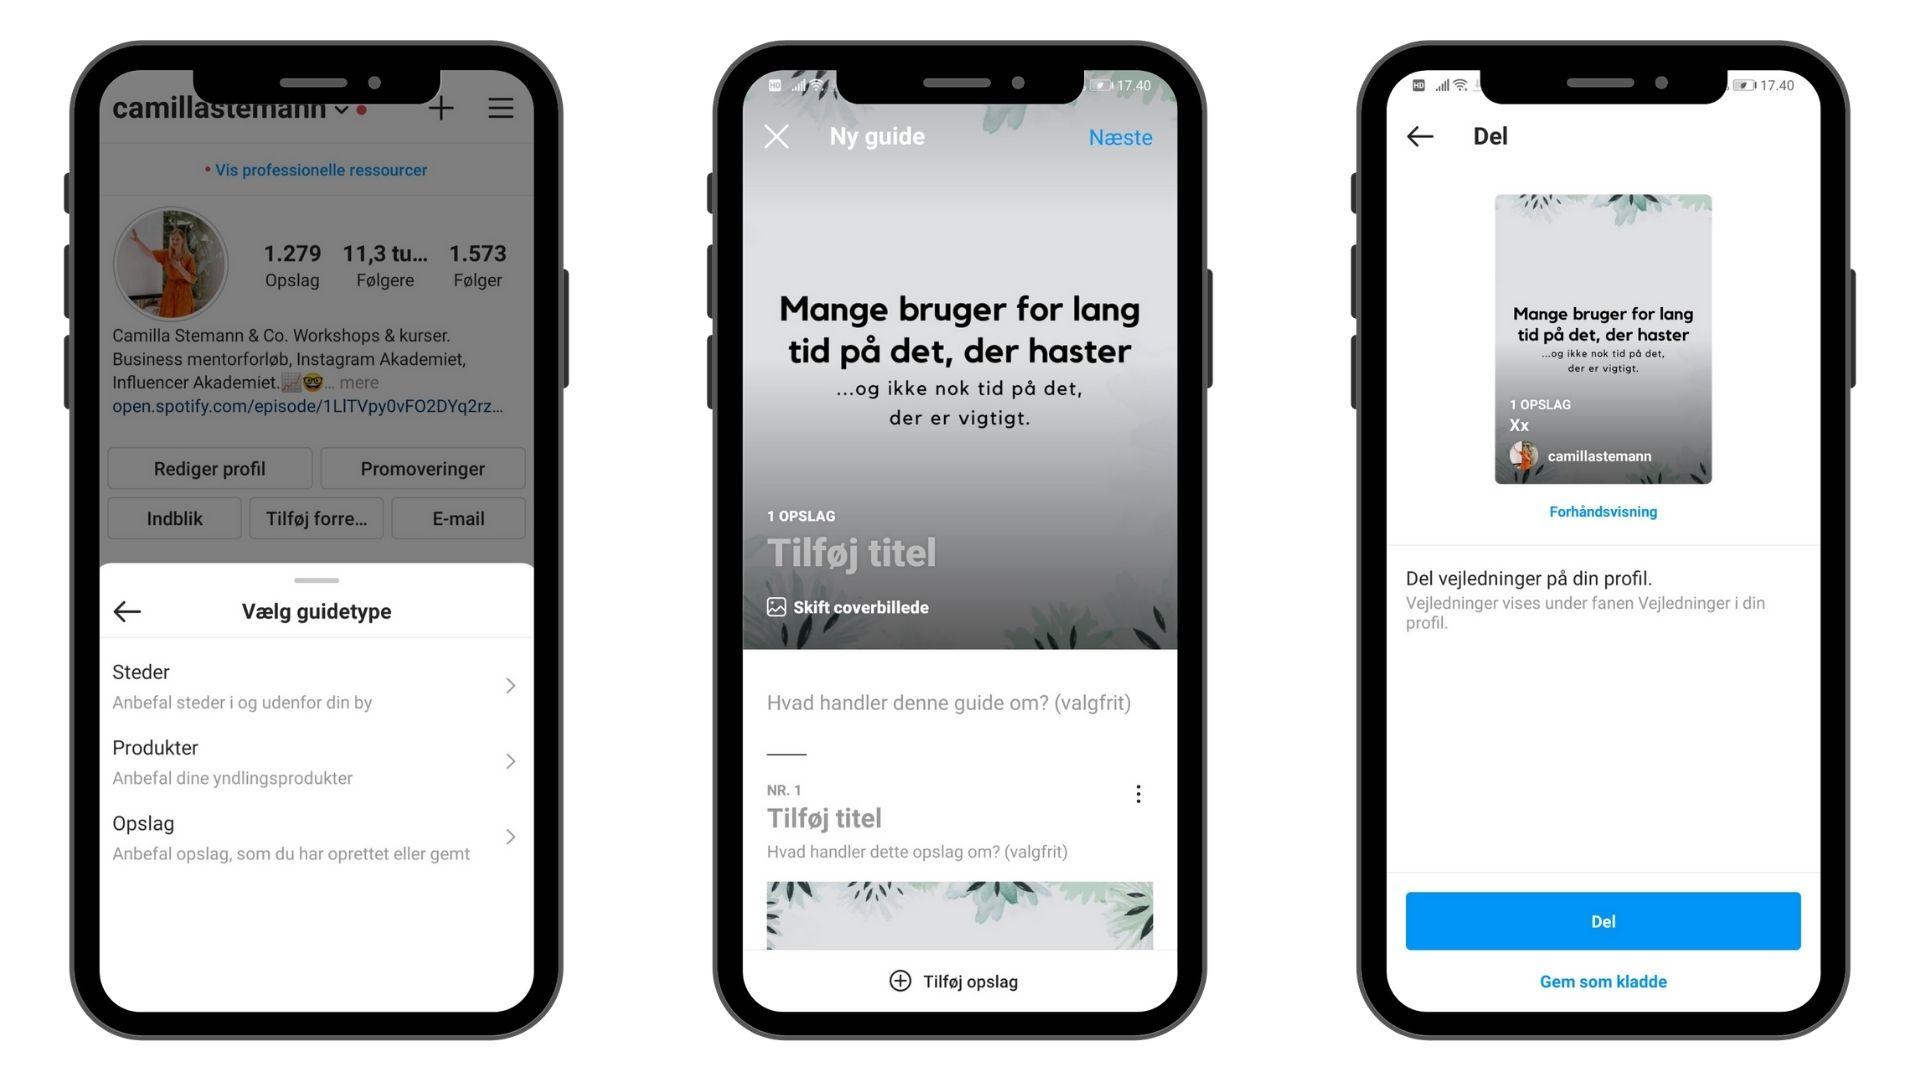 nyheder og trends på instagram i 2021: Instagram guides: Guide på Instagram, Instagram som miniblog. Lang eller kort tekst på Instagran?